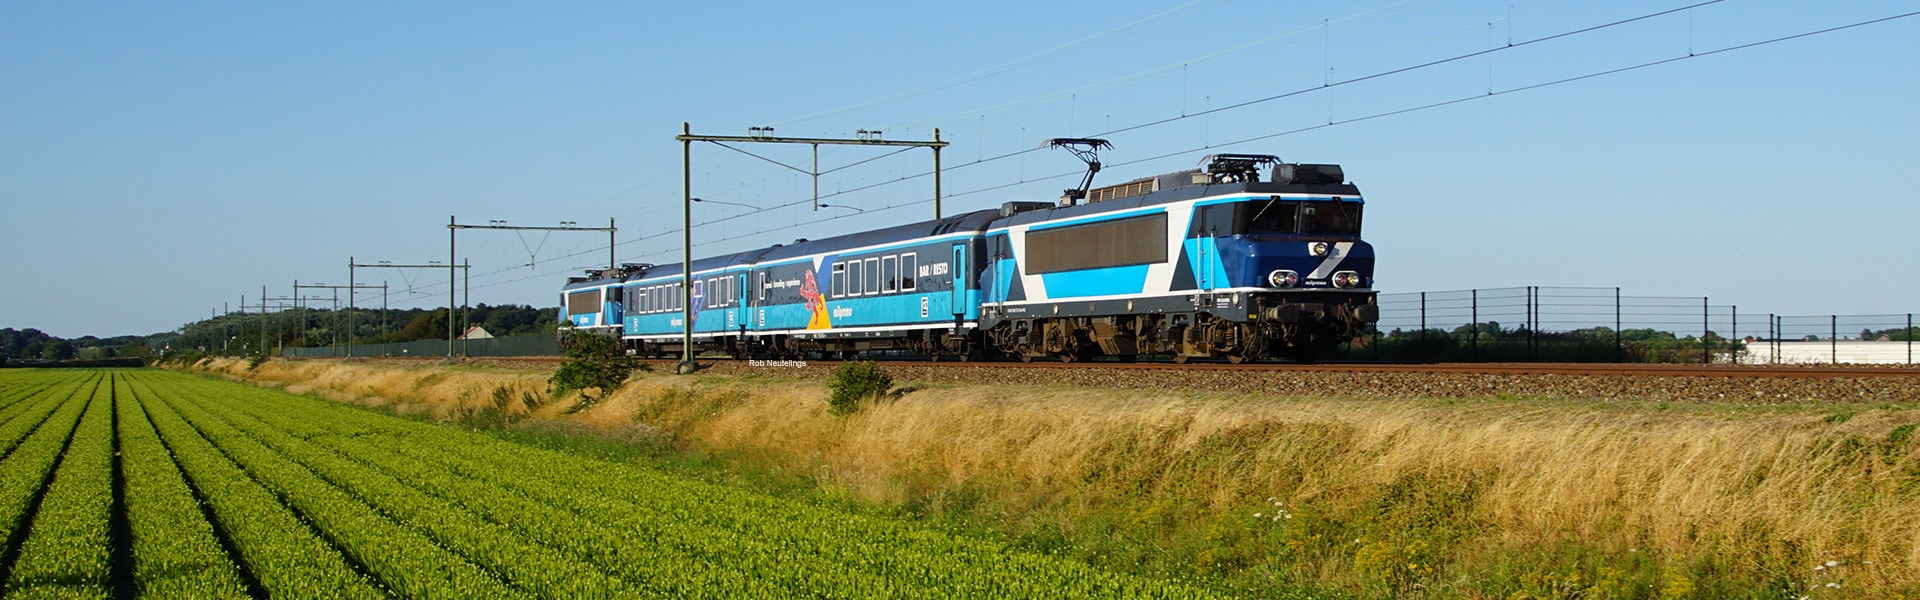 Rob_Neutelings_Dinner_Train